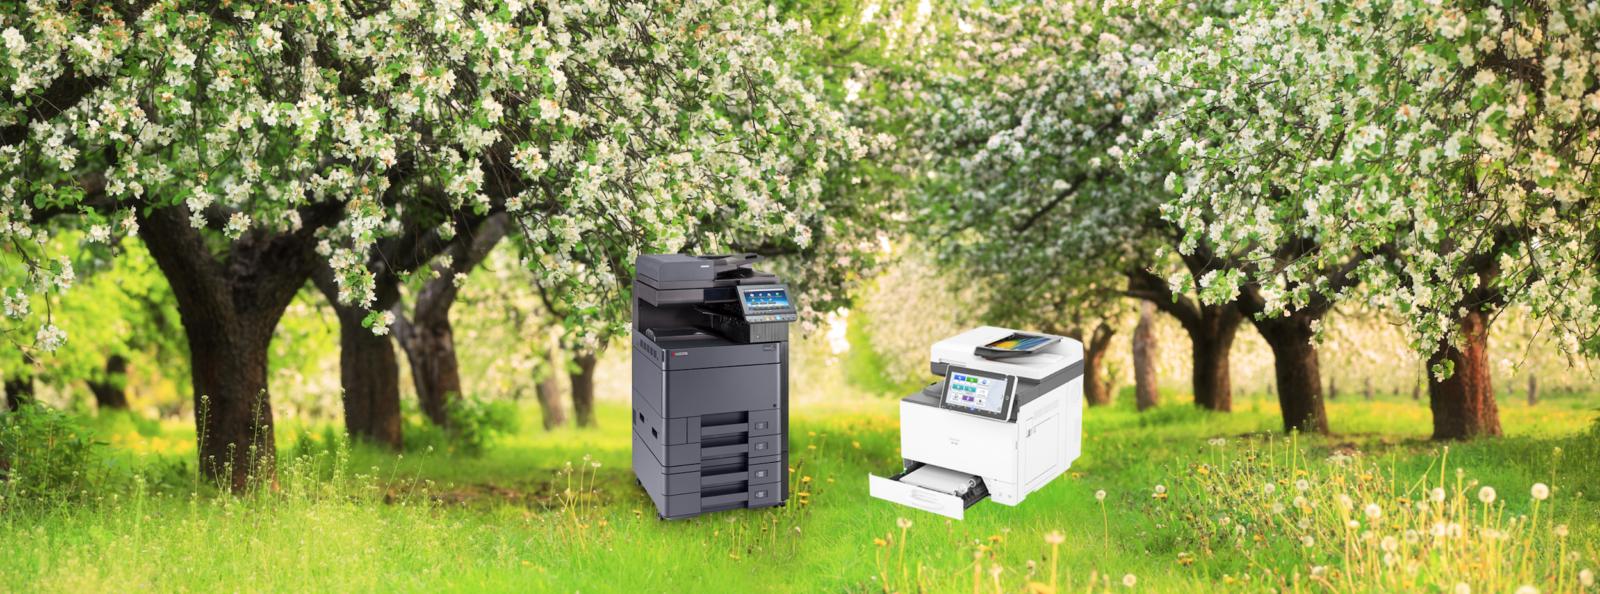 Achtergrond duurzaam printen Betuwe Gelderland